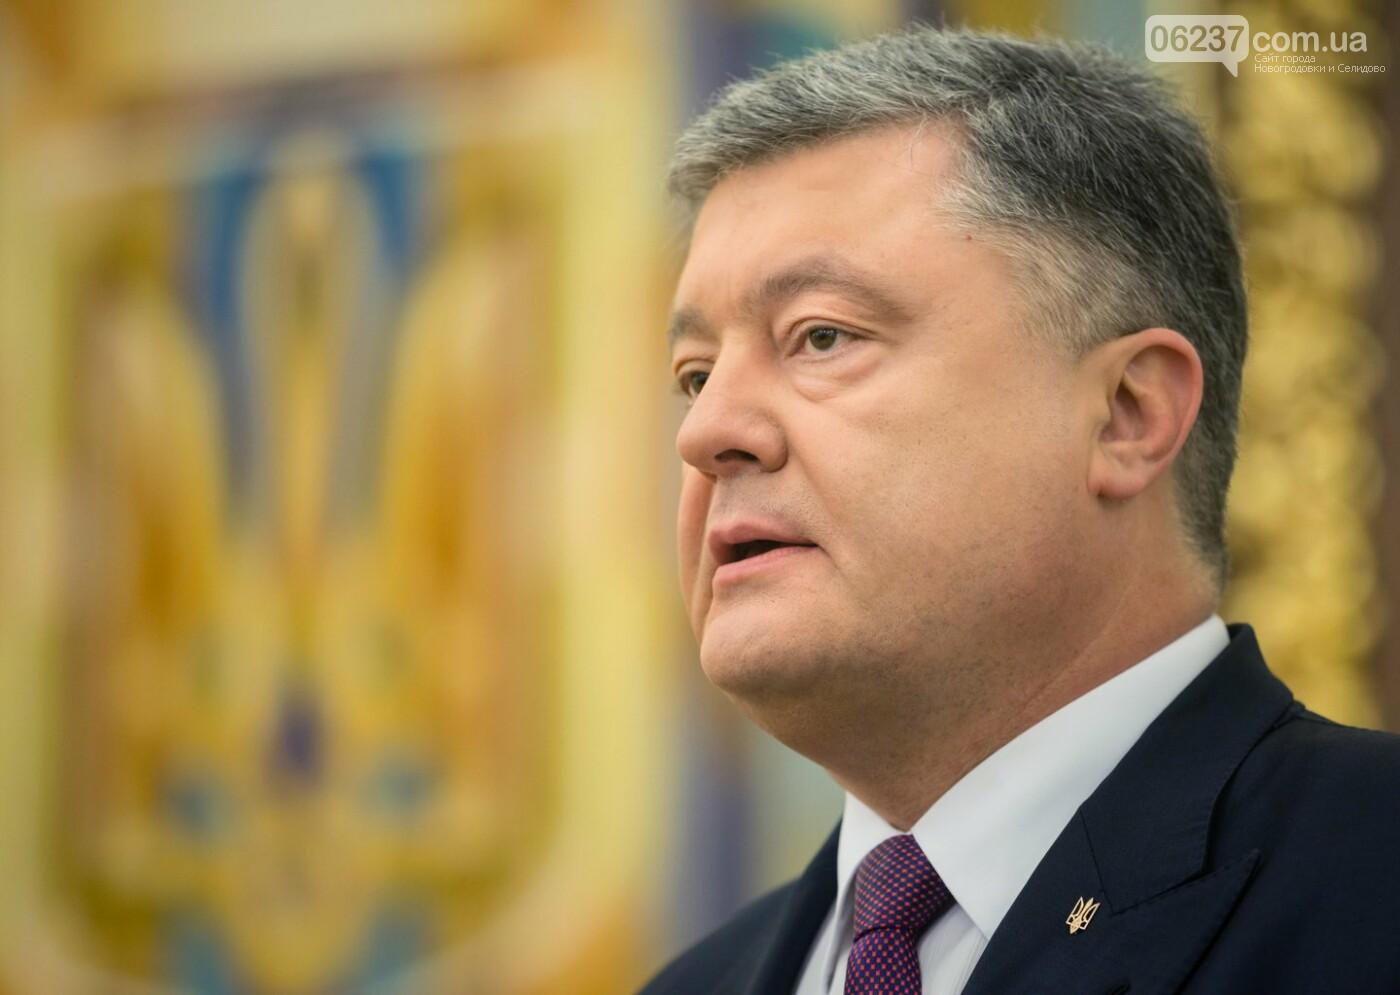 Порошенко сделал заявление по «паспортному скандалу» в Закарпатье, фото-1